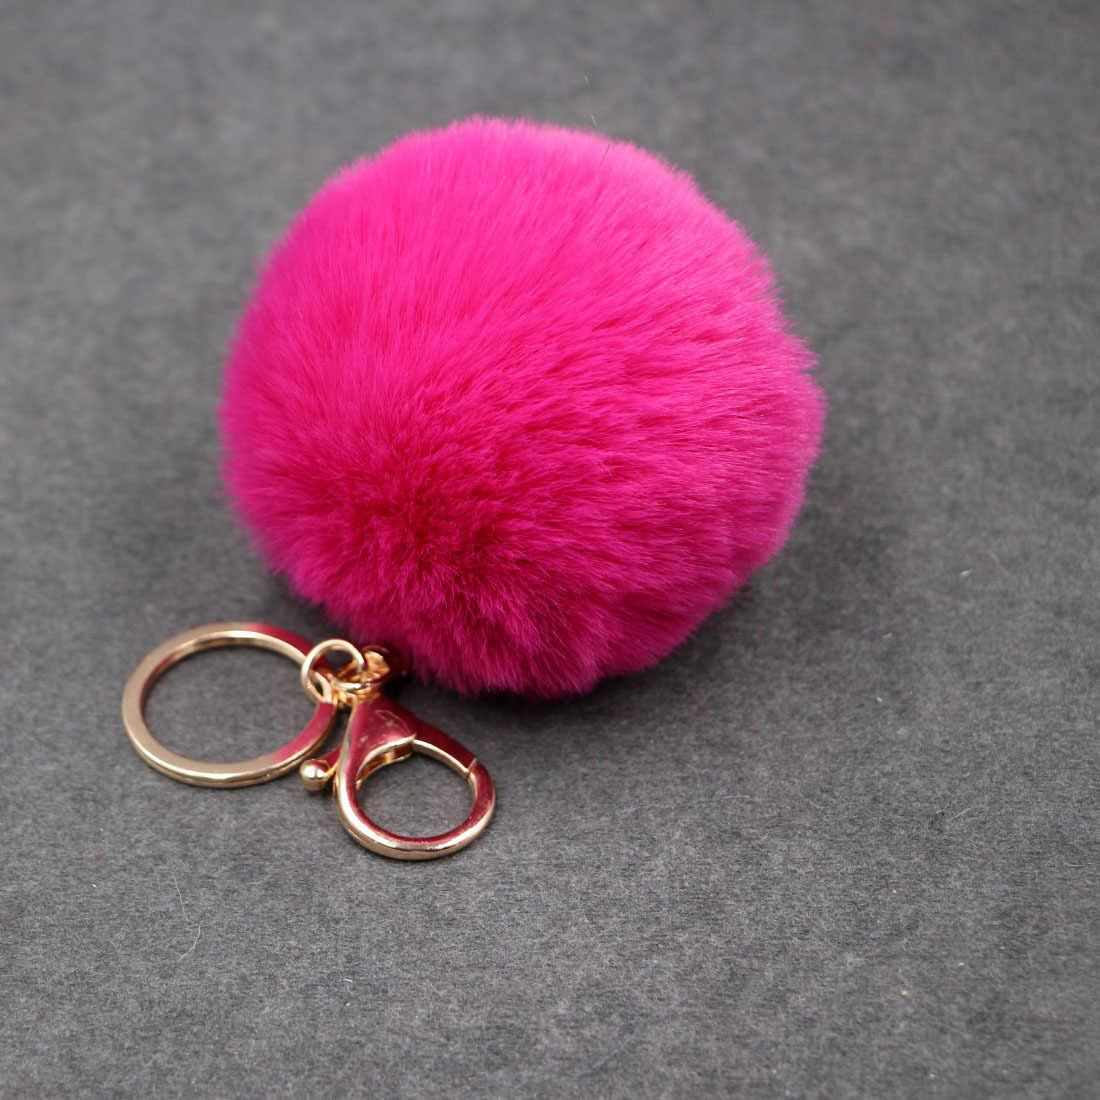 Корейская Светоотражающая бахрома из искусственной кожи кисточкой, меховой шар Брелоки держатель ключей металлический брелок Шарм сумка Авто брелок для ключей